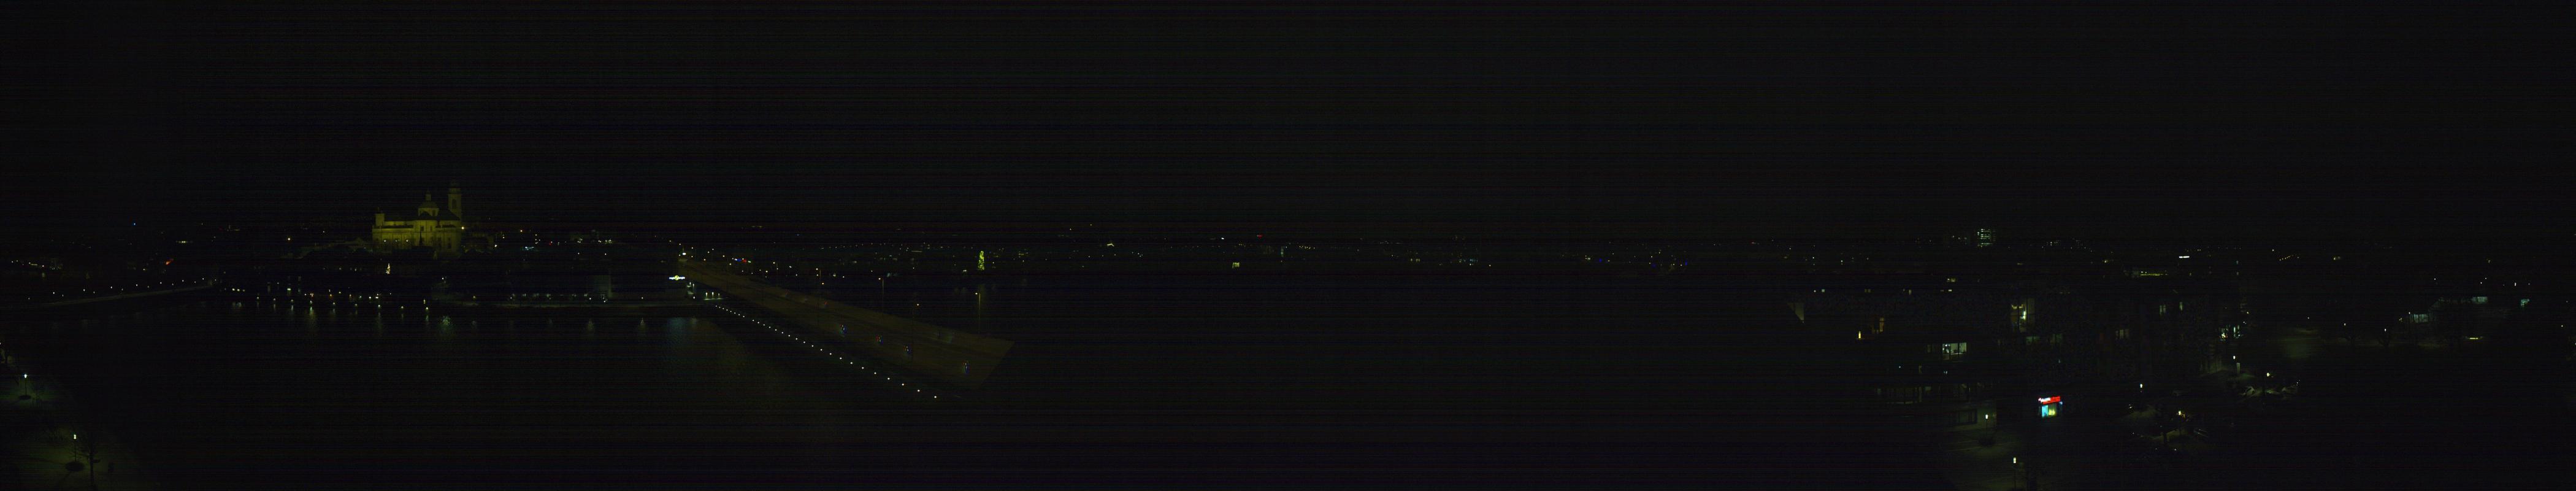 21h ago - 19:30